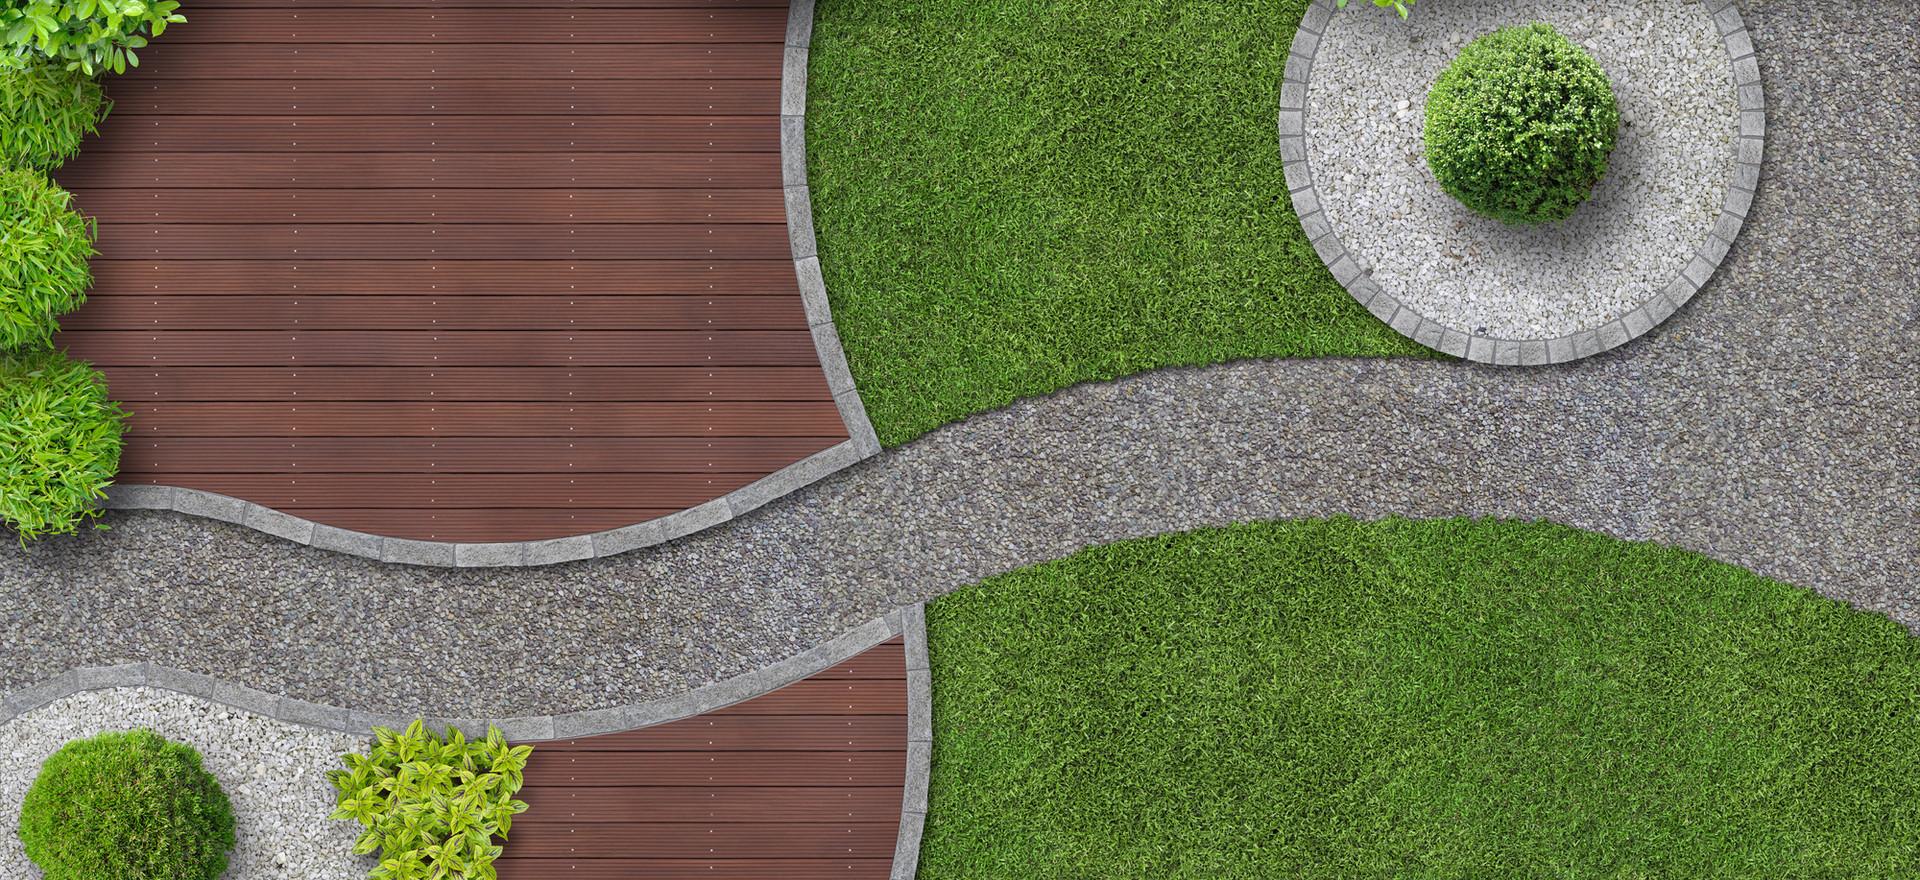 Samratsoft Lawn Grass Mfg Dealer Supplier Exporter